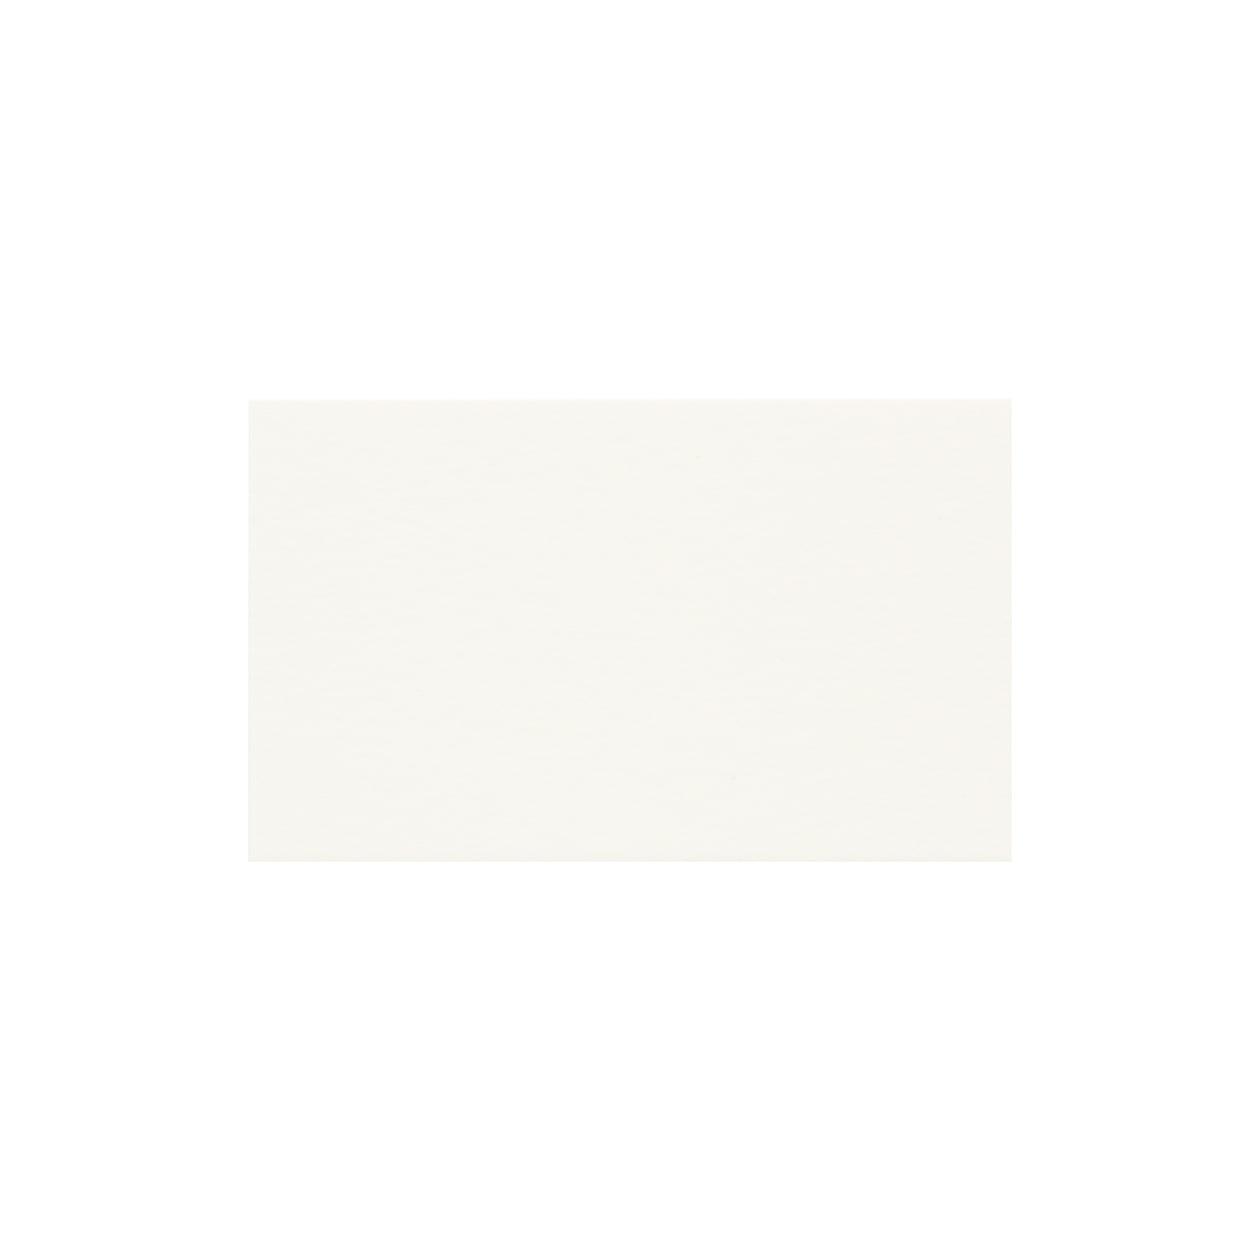 ネームカード HAGURUMA Basic ソフトクリーム 260g